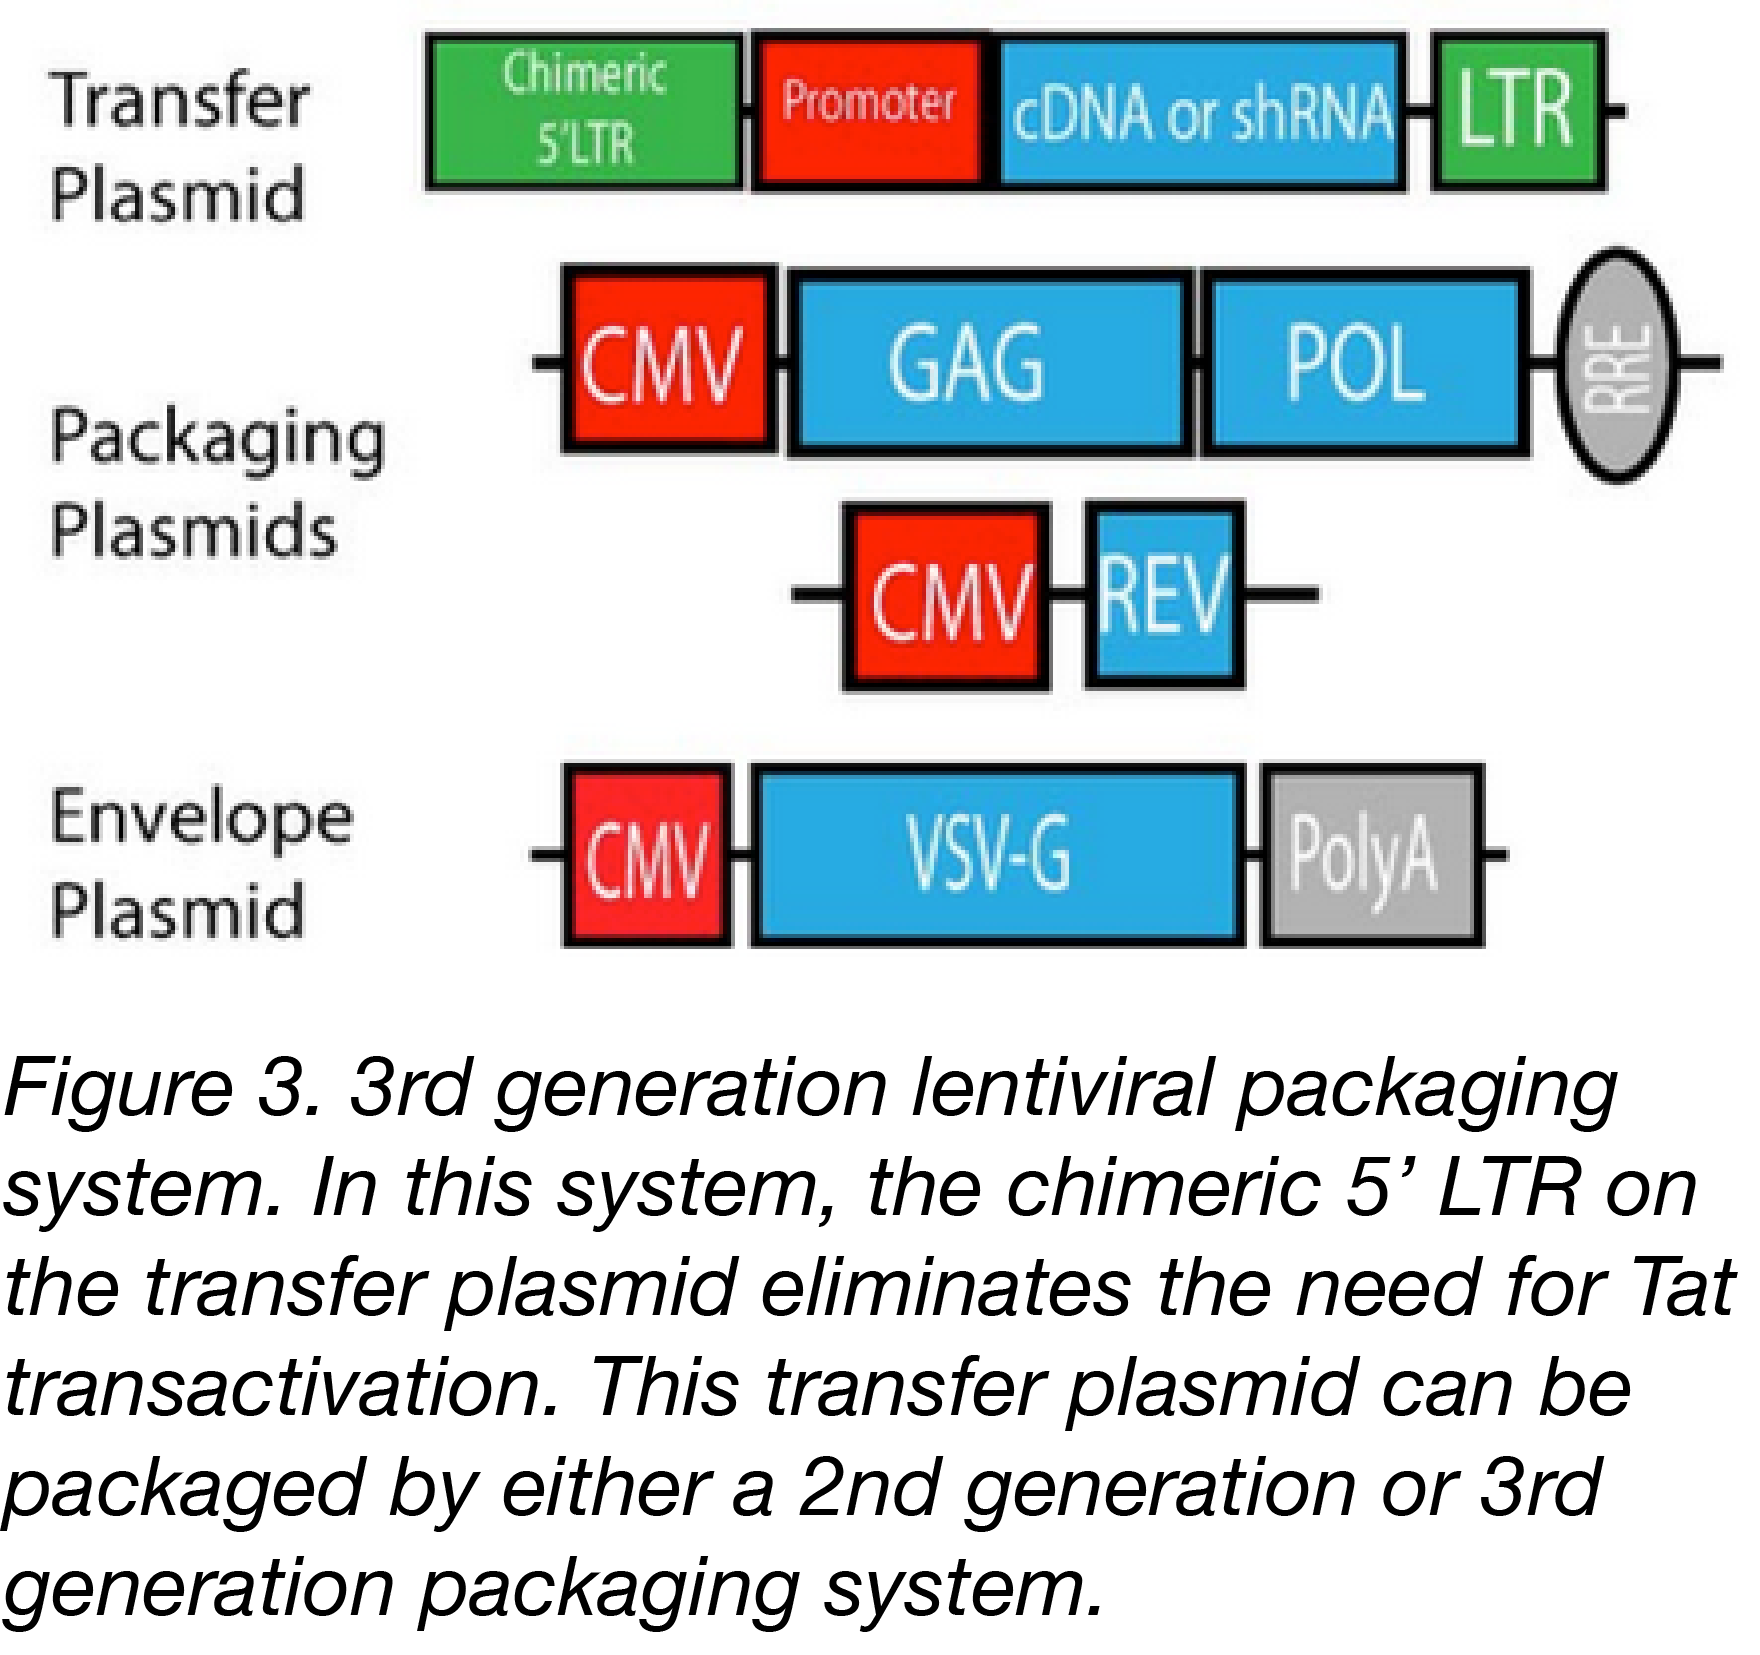 Components of third generation lentiviral vectors